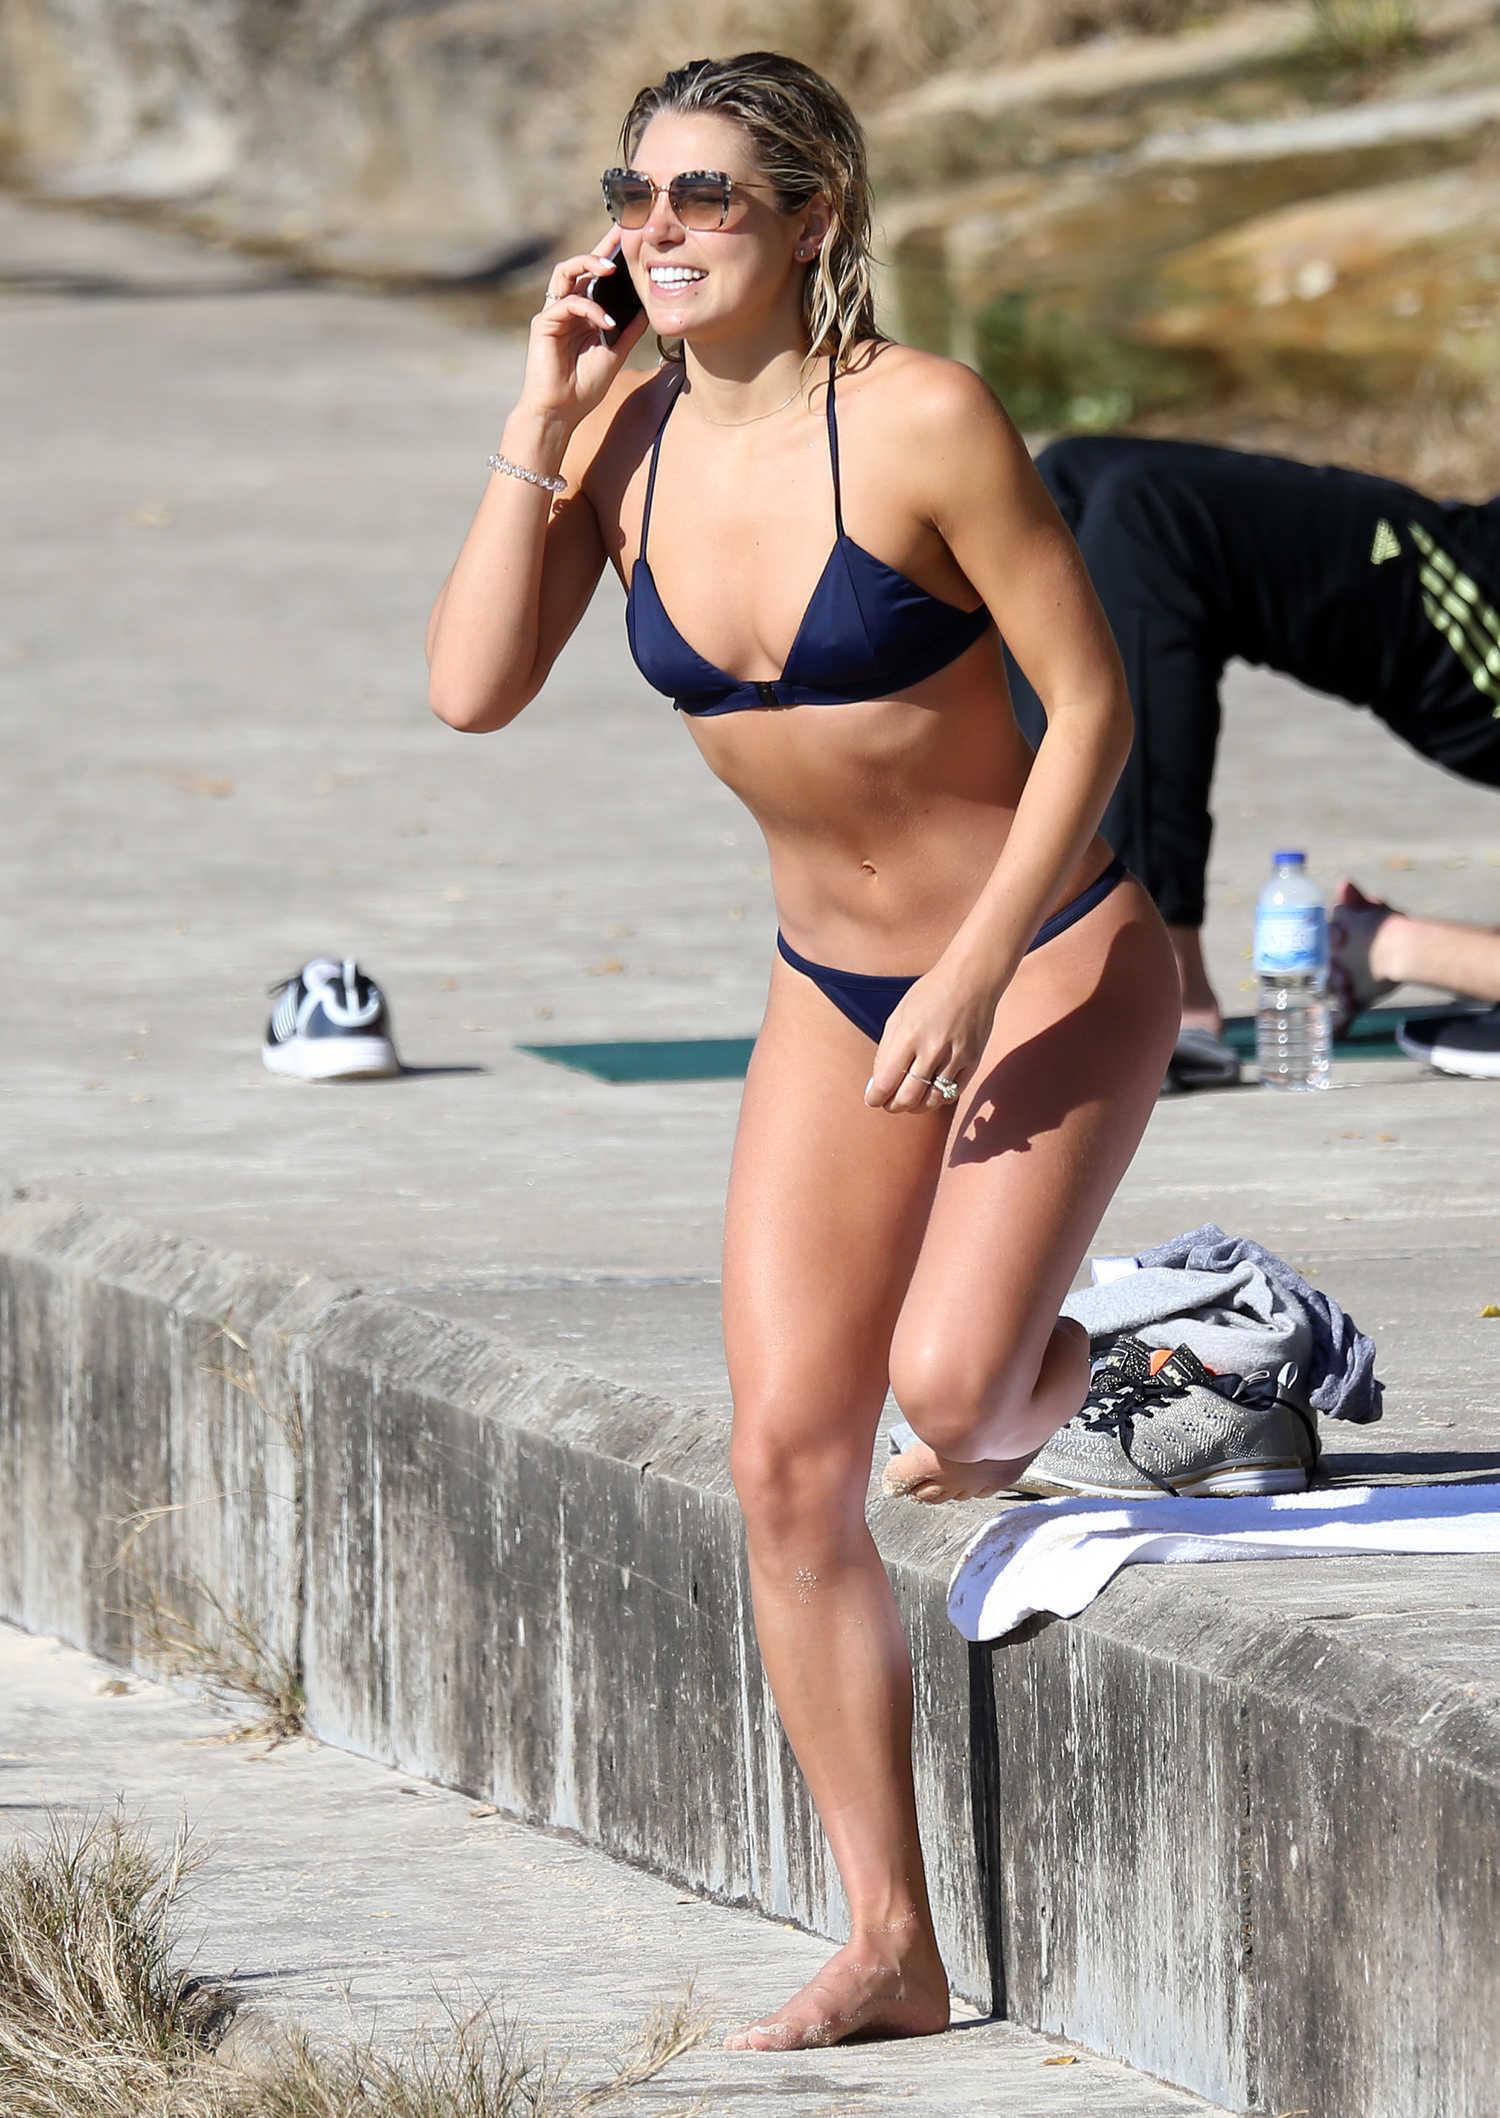 Ashley Hart Shows Off Her Bikini Body At Bondi Beach In